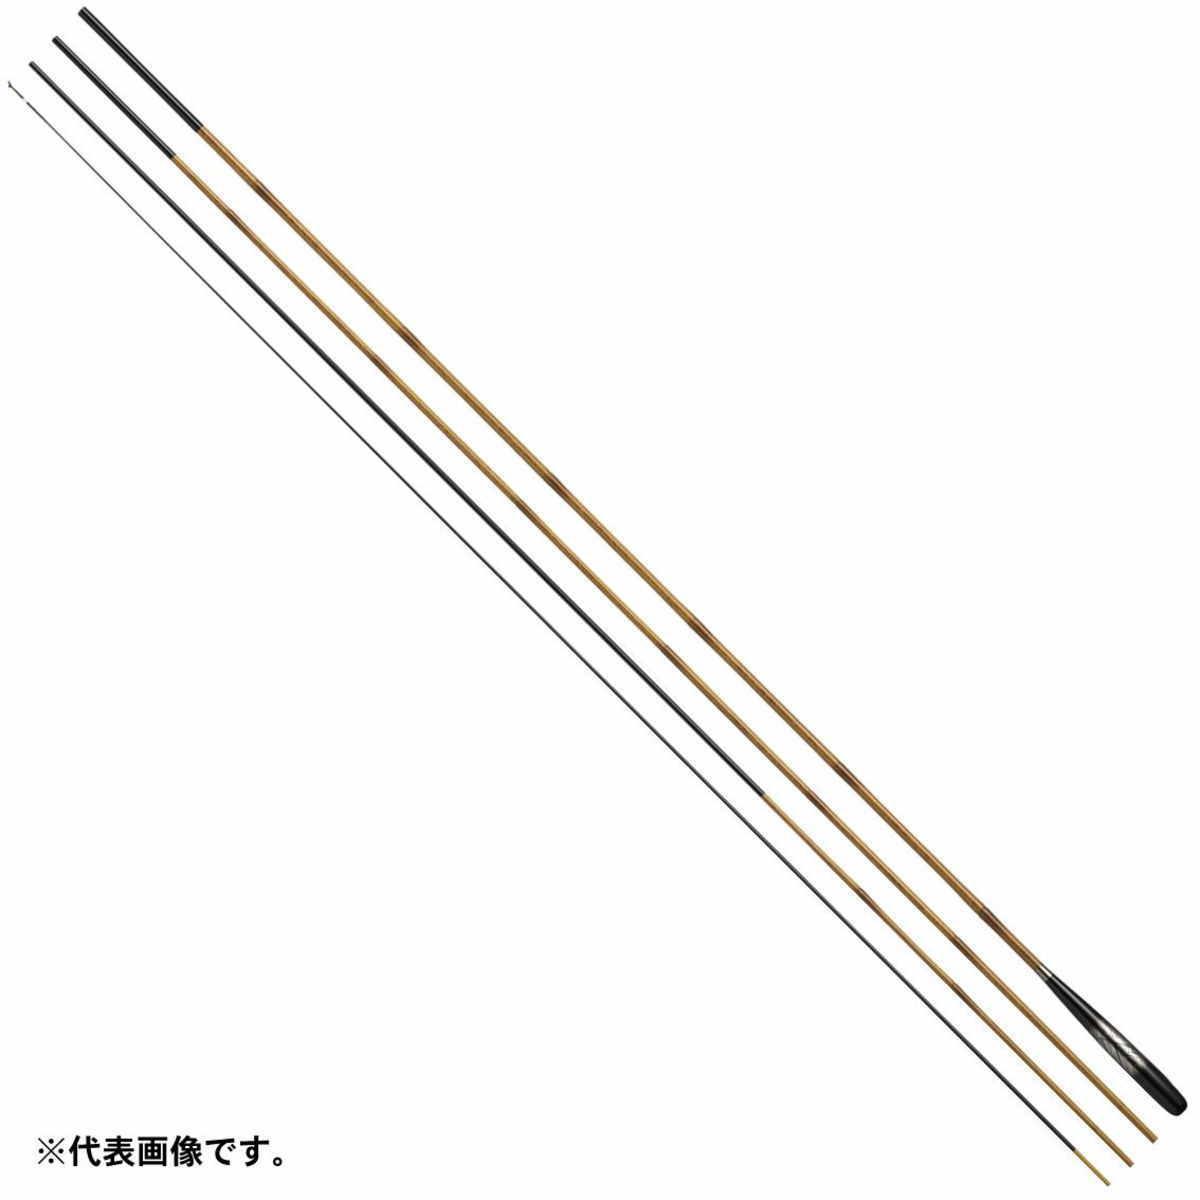 【送料無料5】ダイワ ロッド 玄むく 11・Y